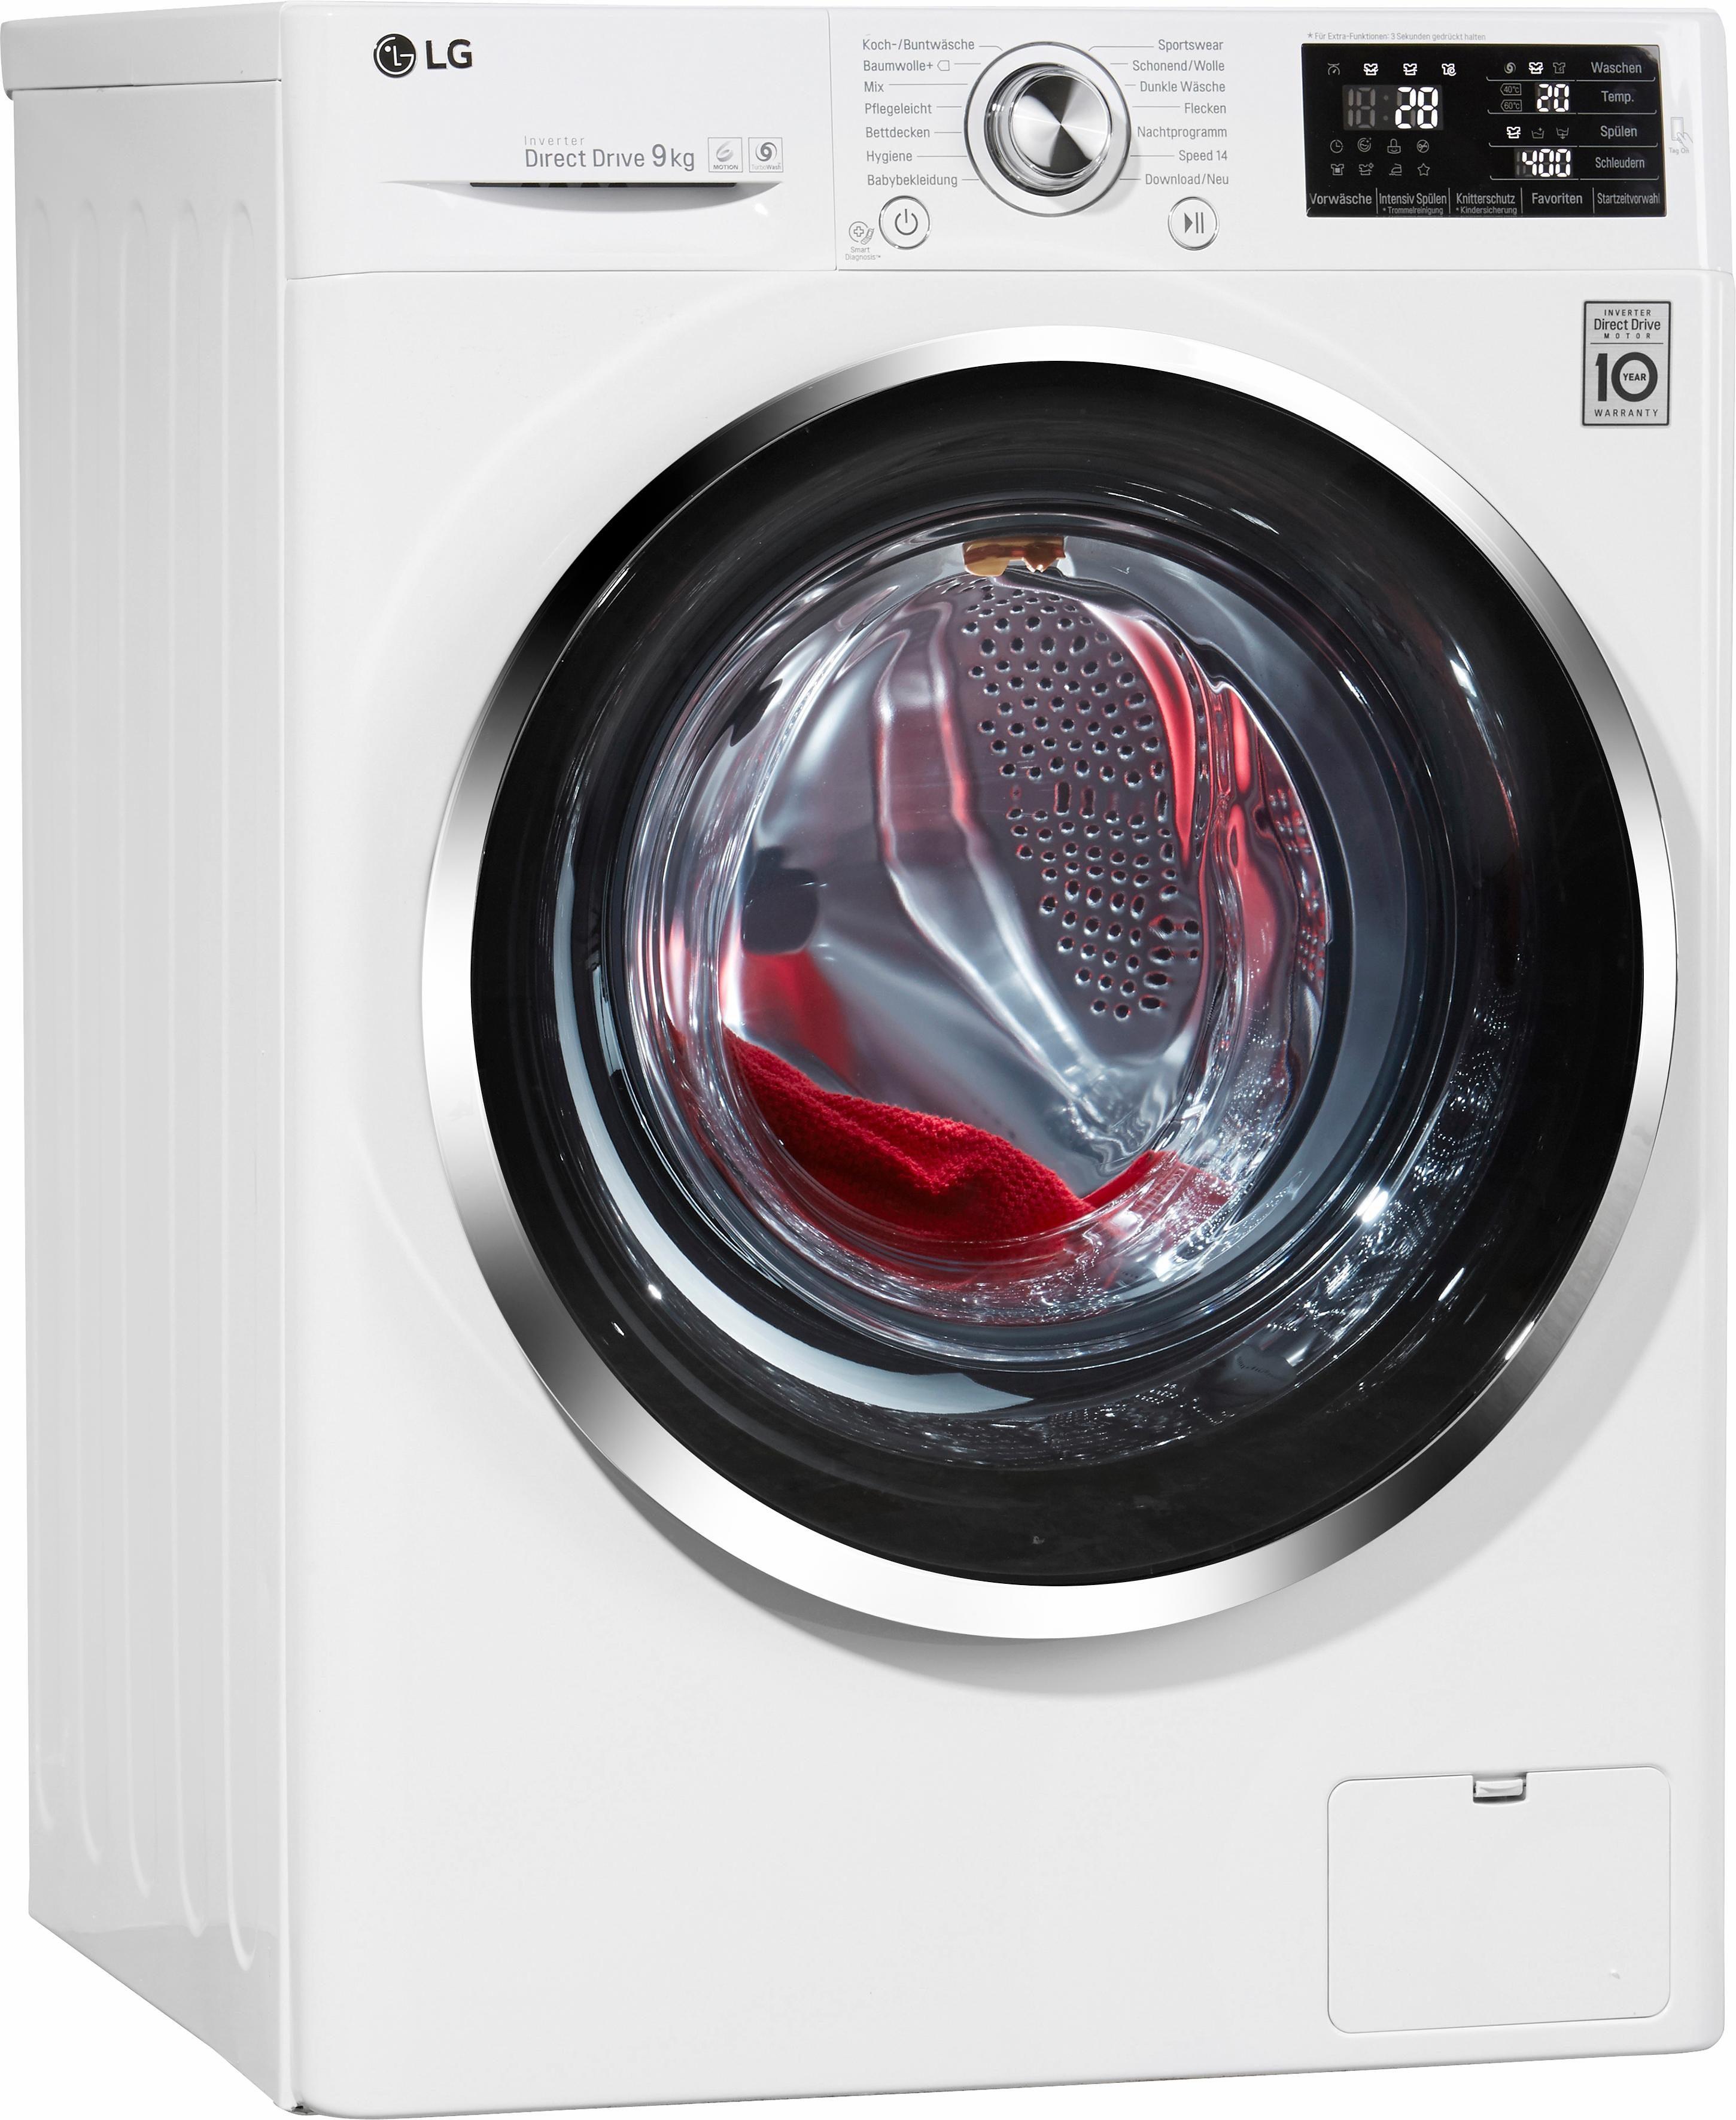 LG Waschmaschine F14U2 VCN2H, 9 kg, 1400 U/Min